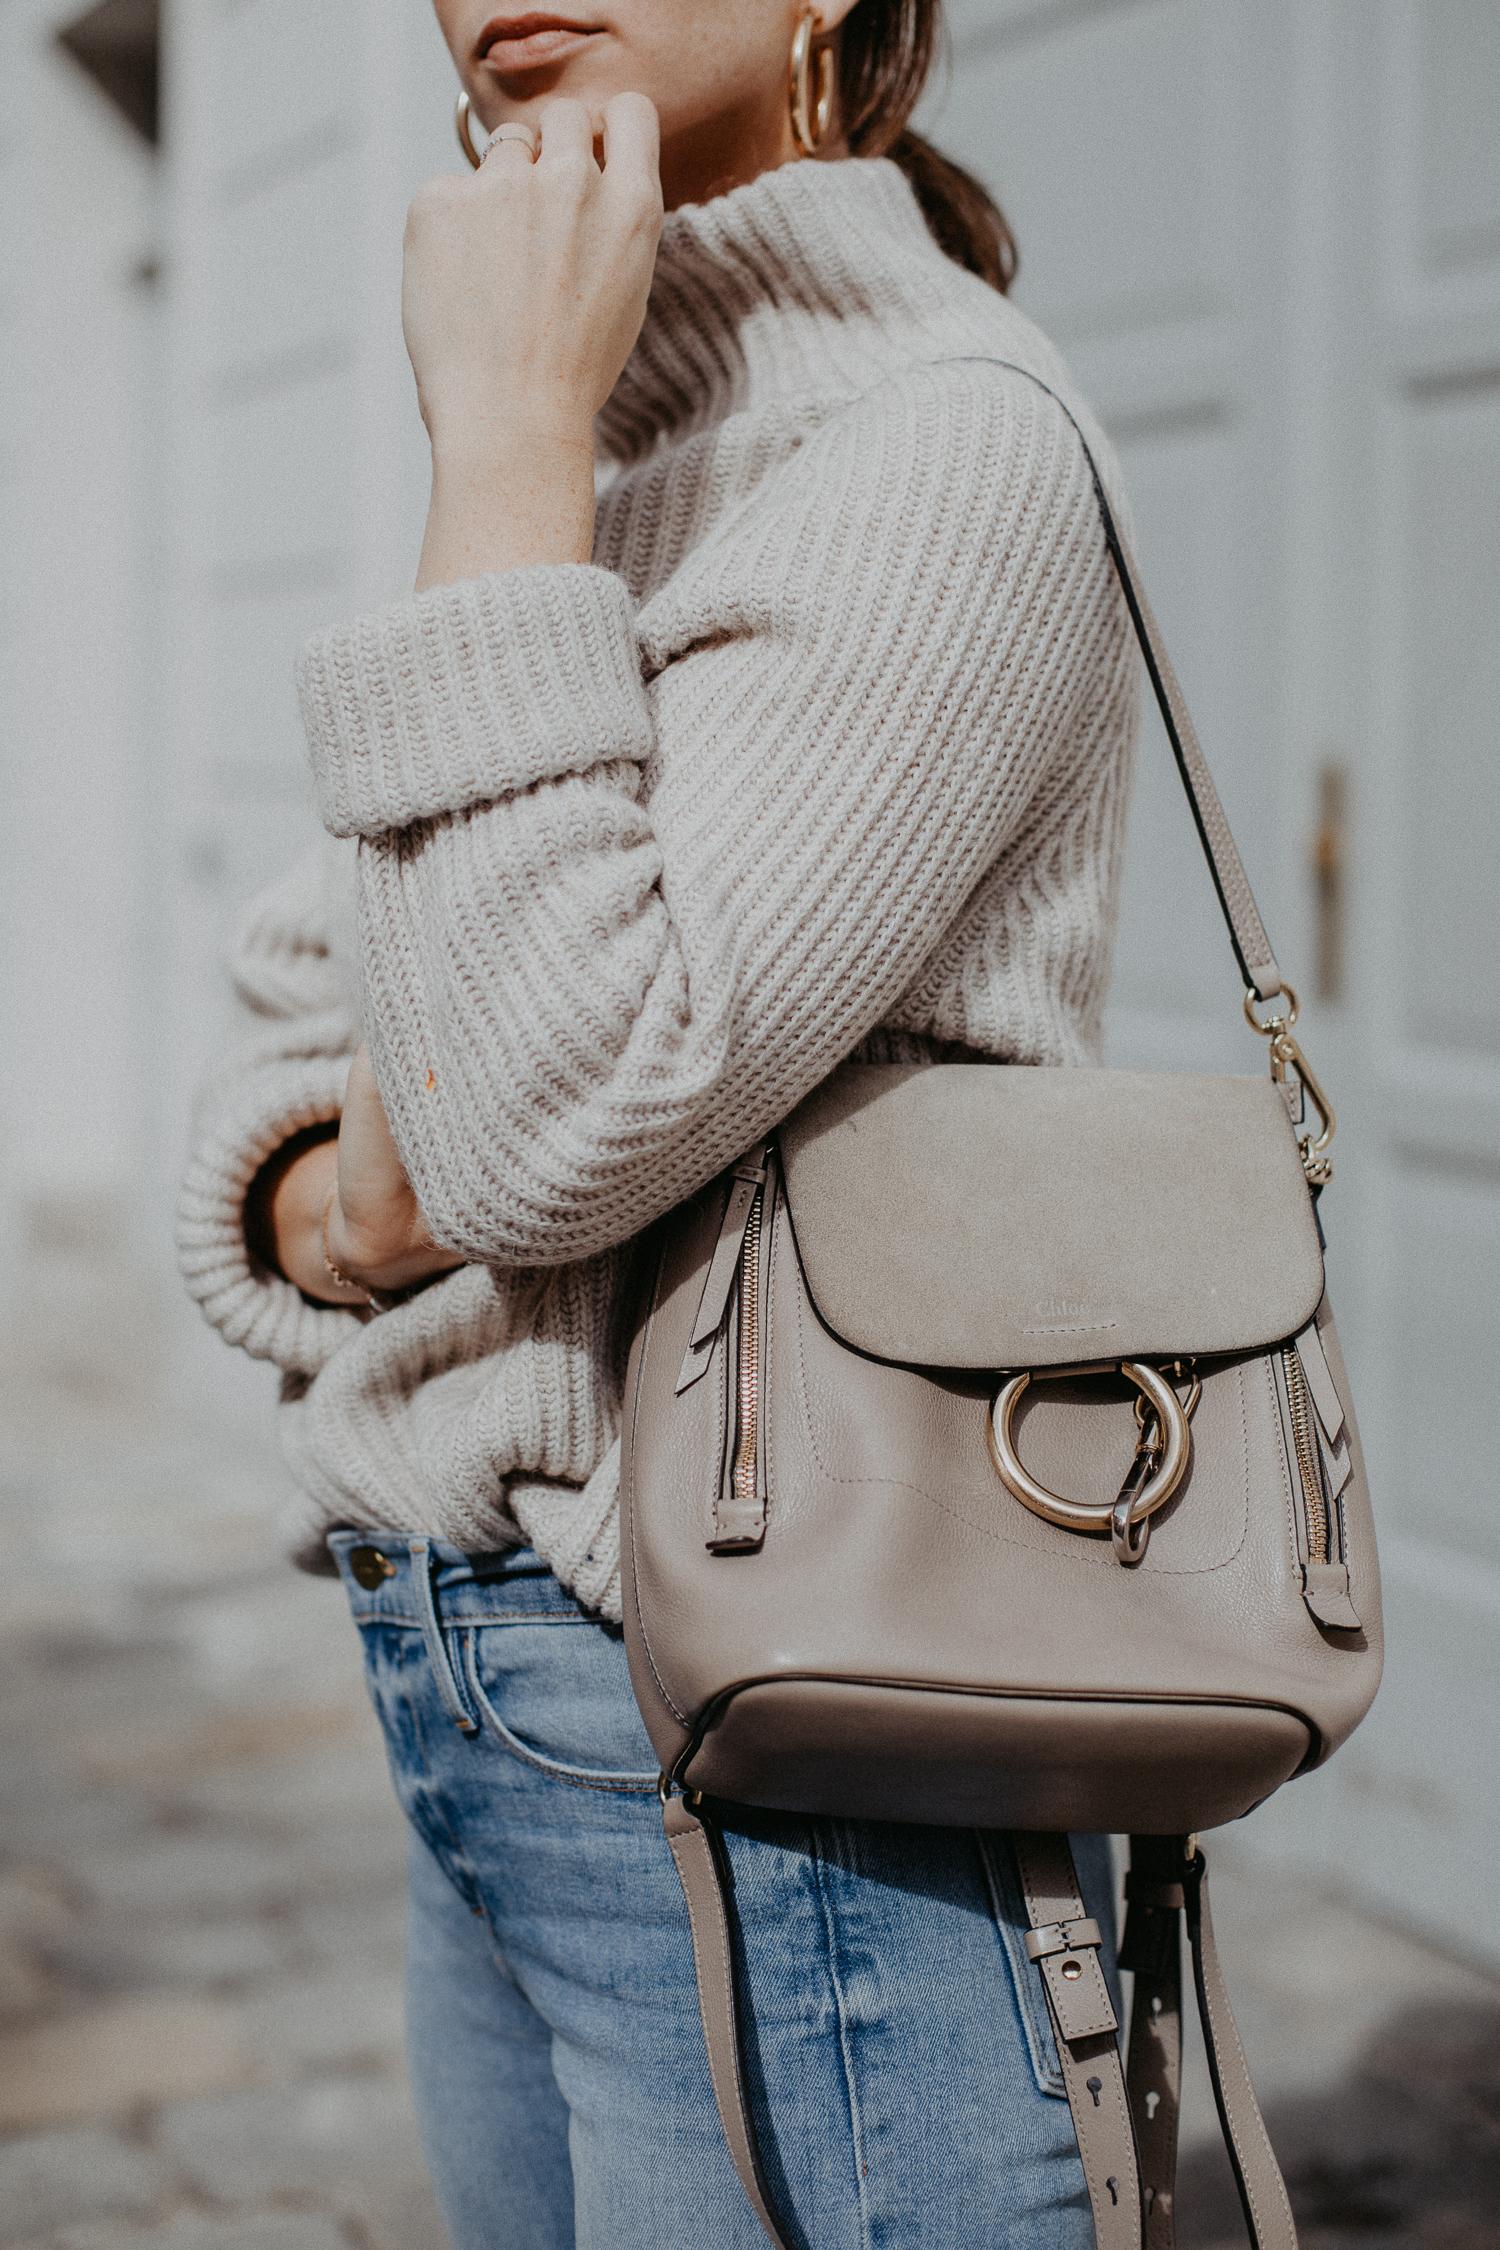 Chloé Faye small backpack   Bikinis & Passports